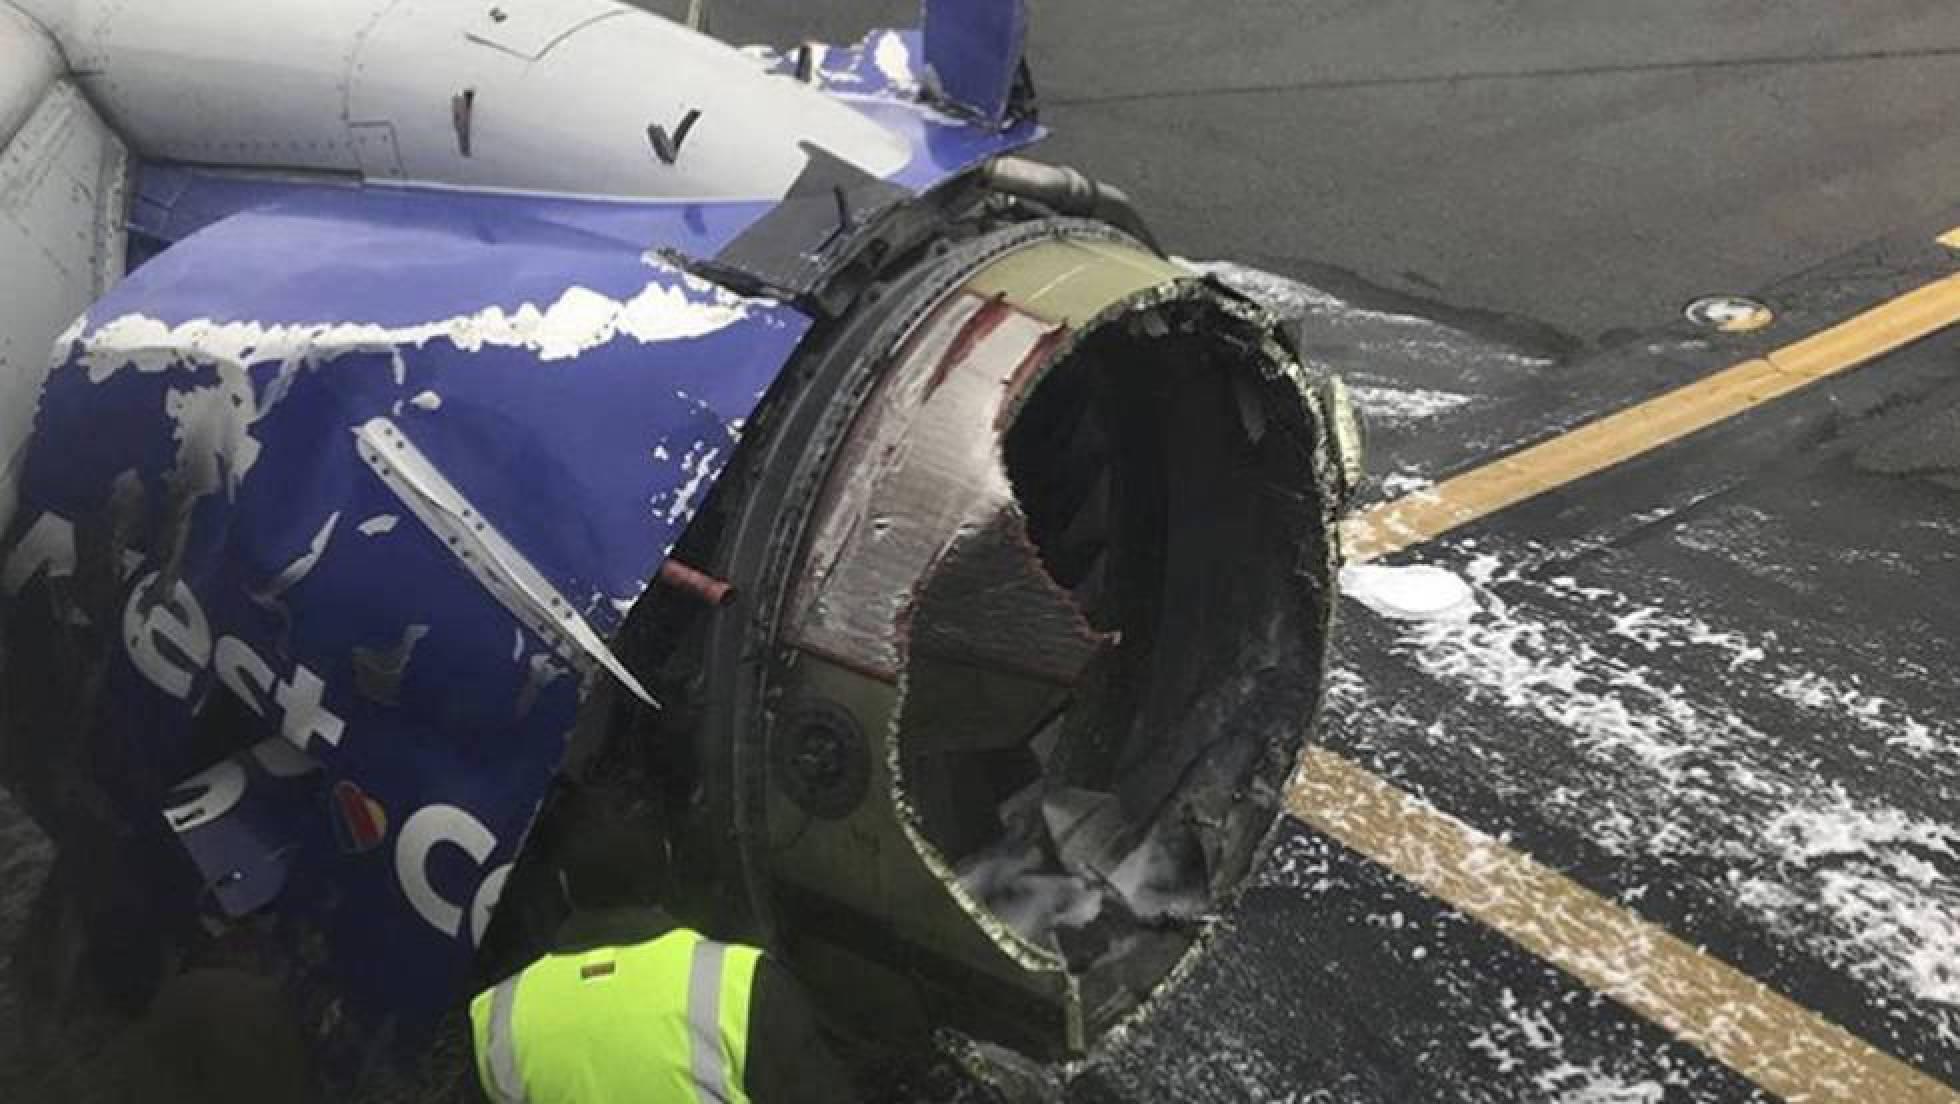 motor izquierdo avion accidentado